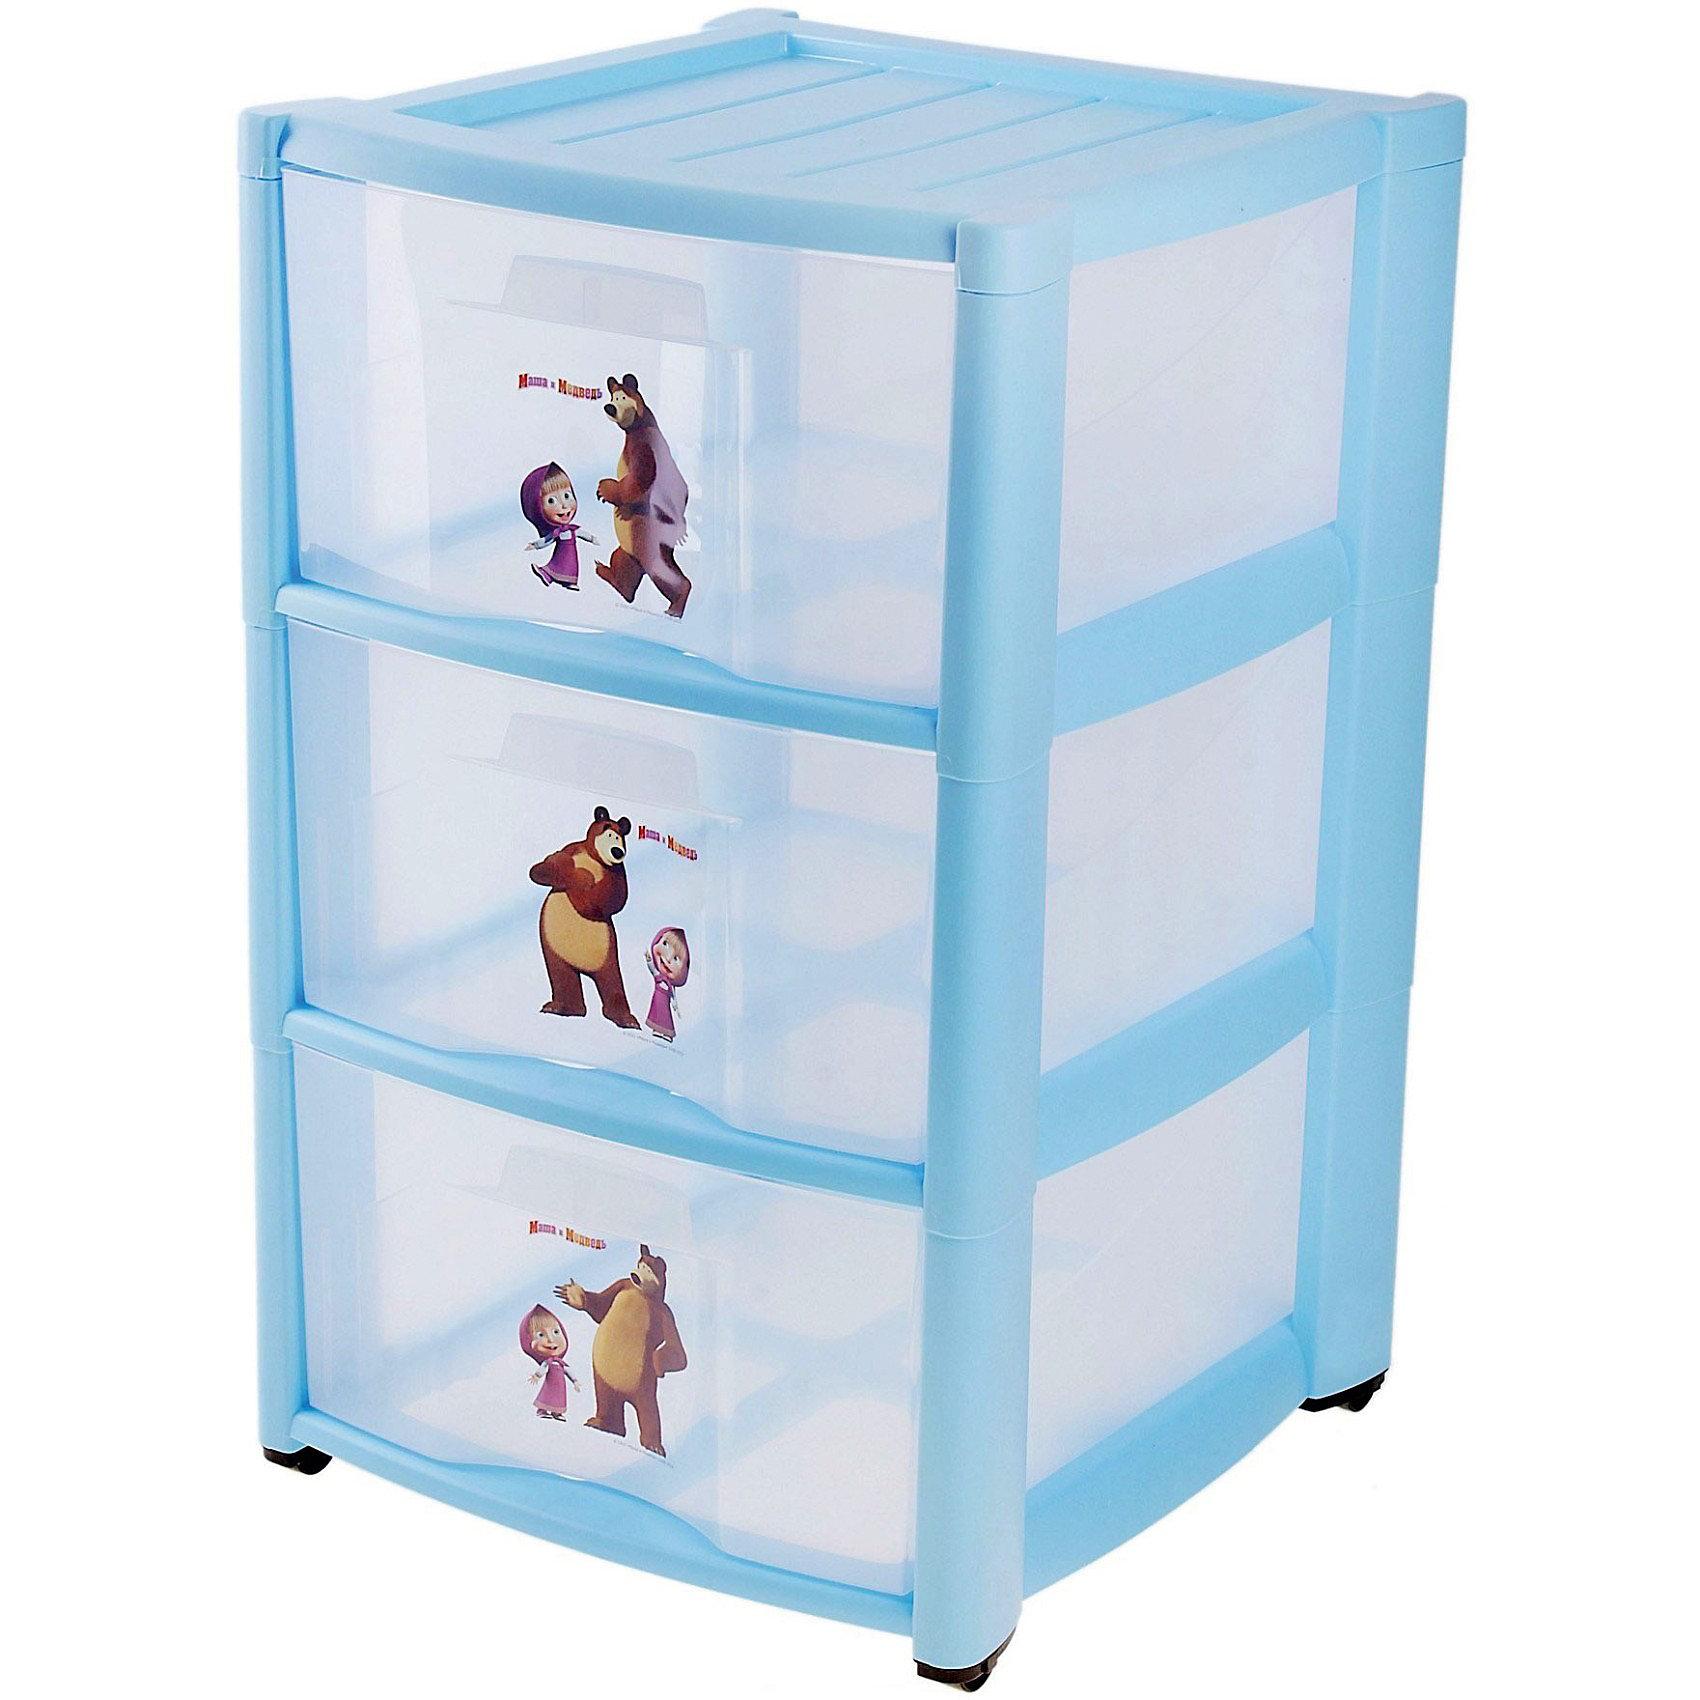 Пластиковый комод Маша и Медведь, 3 ящика, голубойДетский пластиковый комод Маша и Медведь, 3 ящика. <br>Материал: полипропилен.<br>Размеры: 39х37х60см.<br>Детский пластиковый комод Маша и Медведь с 3-мя ящиками можно купить в нашем интернет-магазине.<br><br>ВНИМАНИЕ! Данный артикул имеется в наличии в разных вариантах исполнения. К сожалению, заранее выбрать определенный вариант нельзя. При заказе нескольких позиций возможно получение одинаковых.<br><br>Ширина мм: 390<br>Глубина мм: 370<br>Высота мм: 600<br>Вес г: 3400<br>Возраст от месяцев: -2147483648<br>Возраст до месяцев: 2147483647<br>Пол: Мужской<br>Возраст: Детский<br>SKU: 3895289